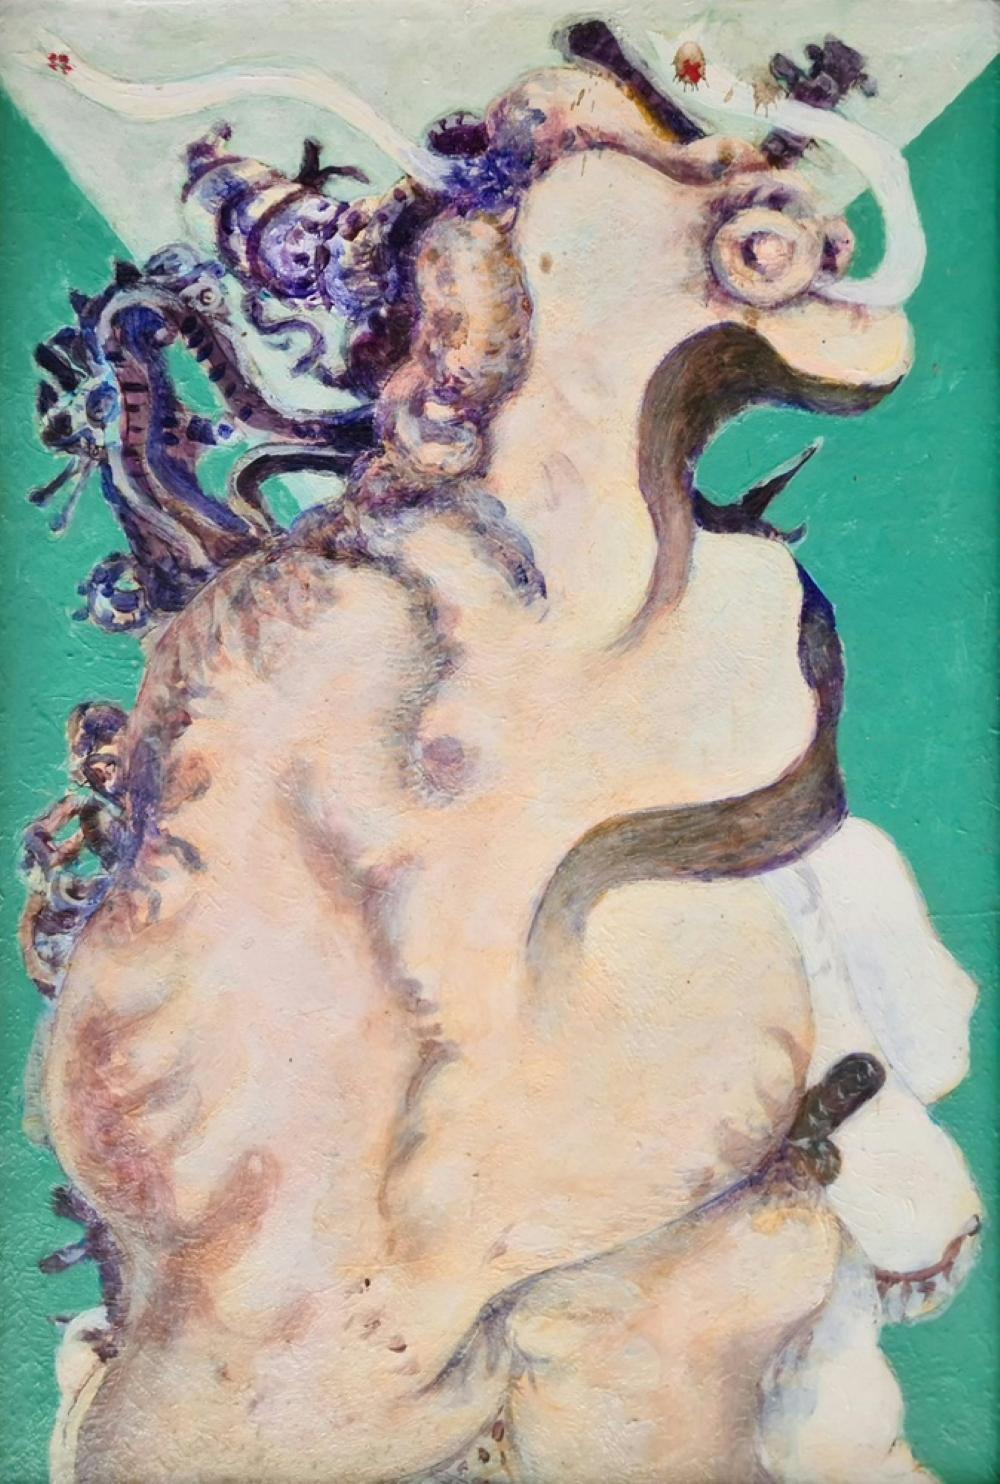 Carmassi Arturo - La nascita di Eva, '70